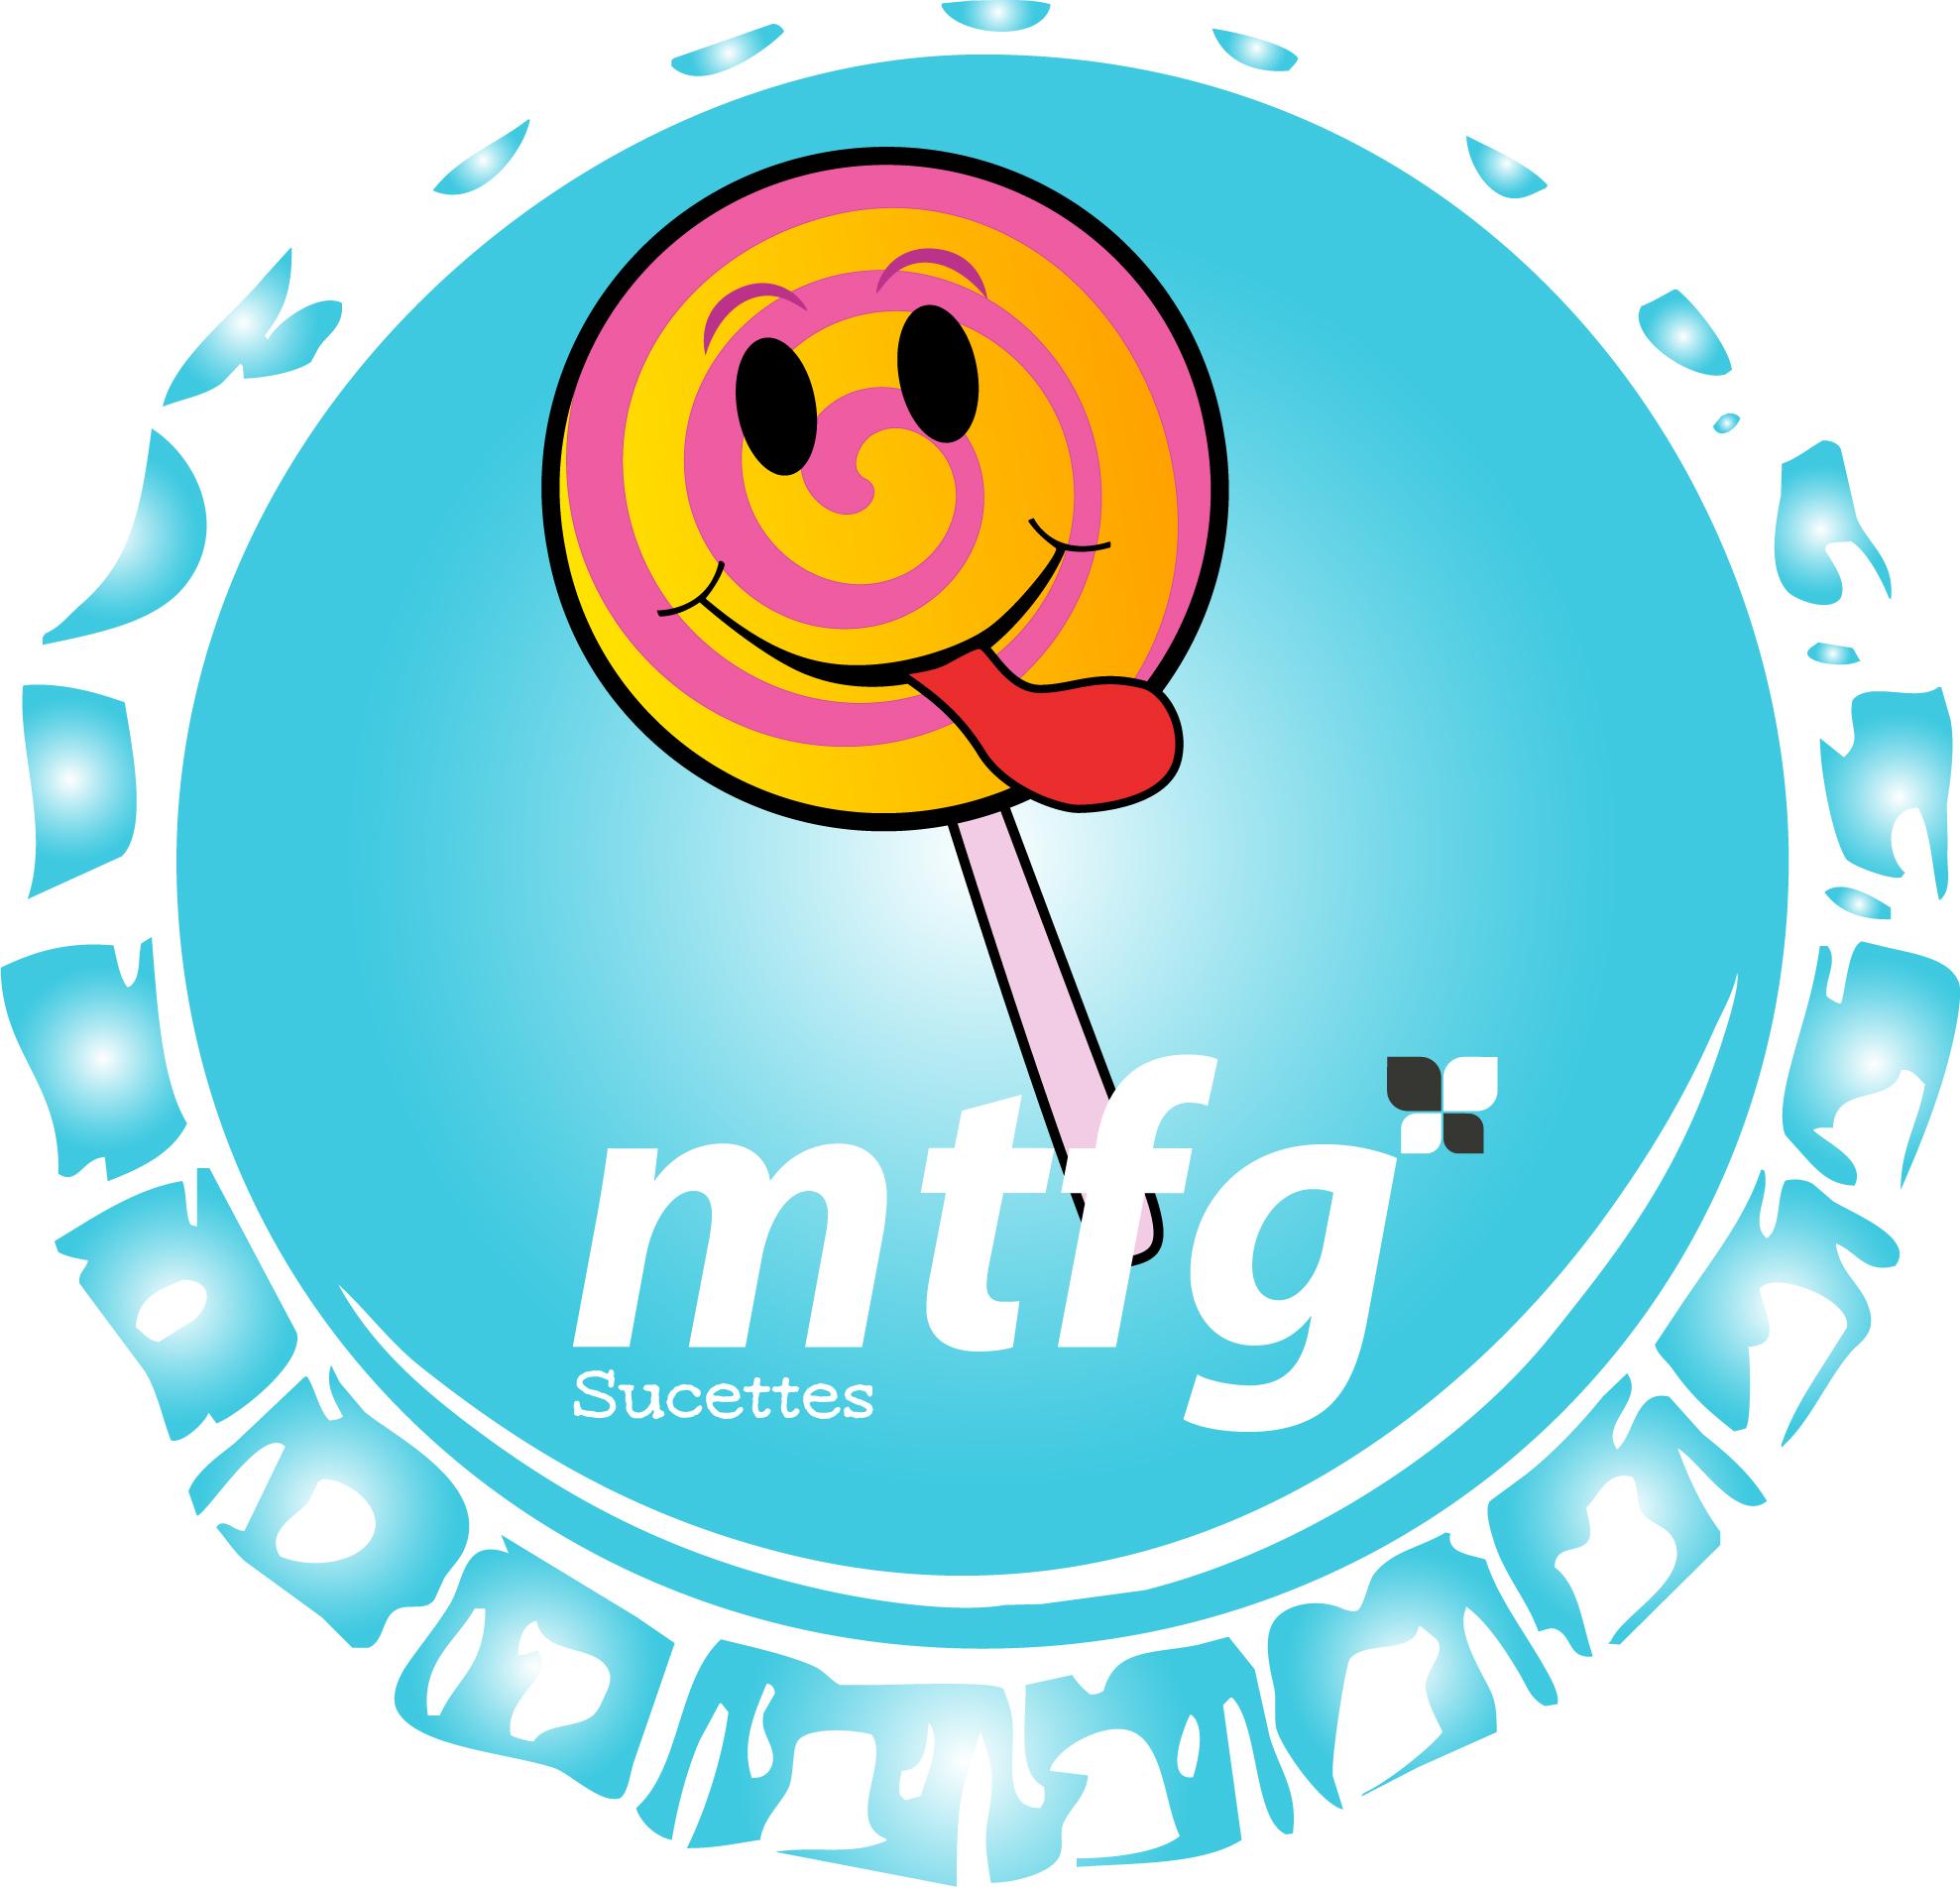 MTFG Sucettes